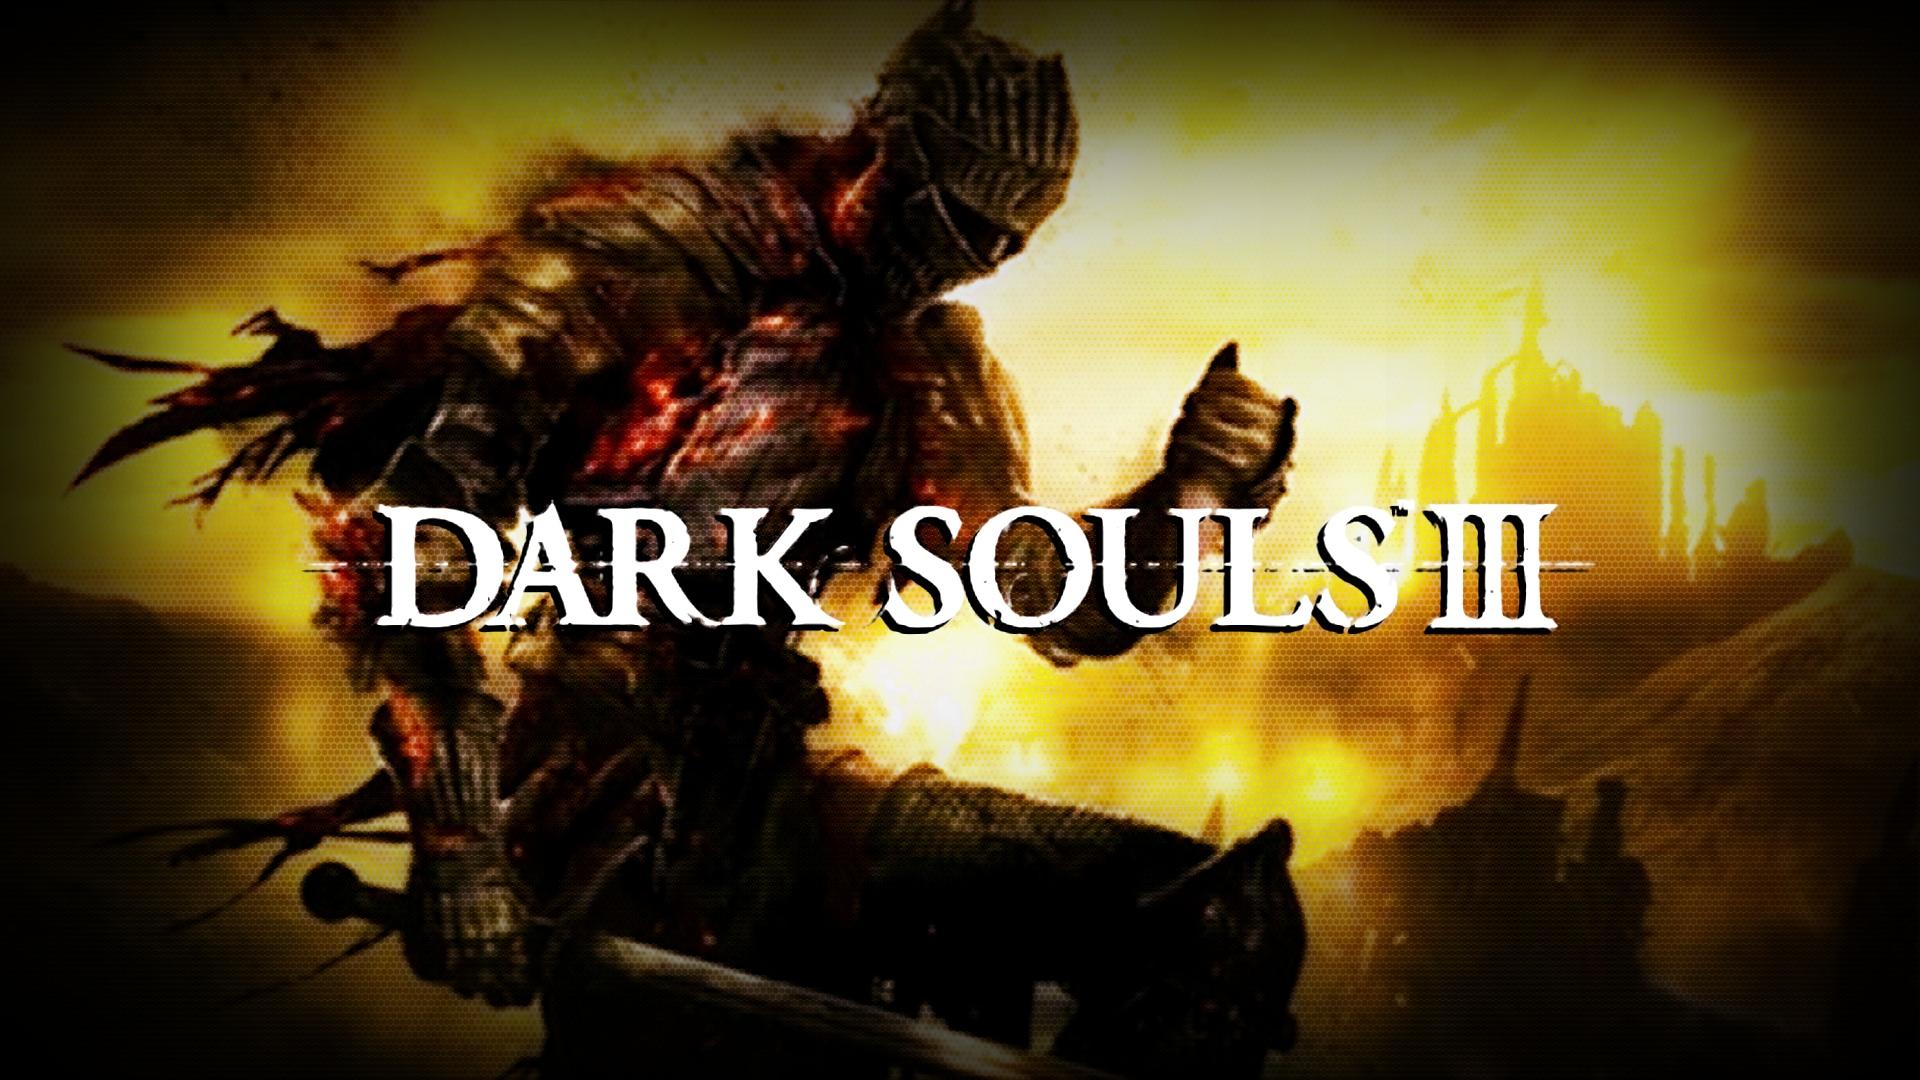 dark souls 3 - alle infos bei giga